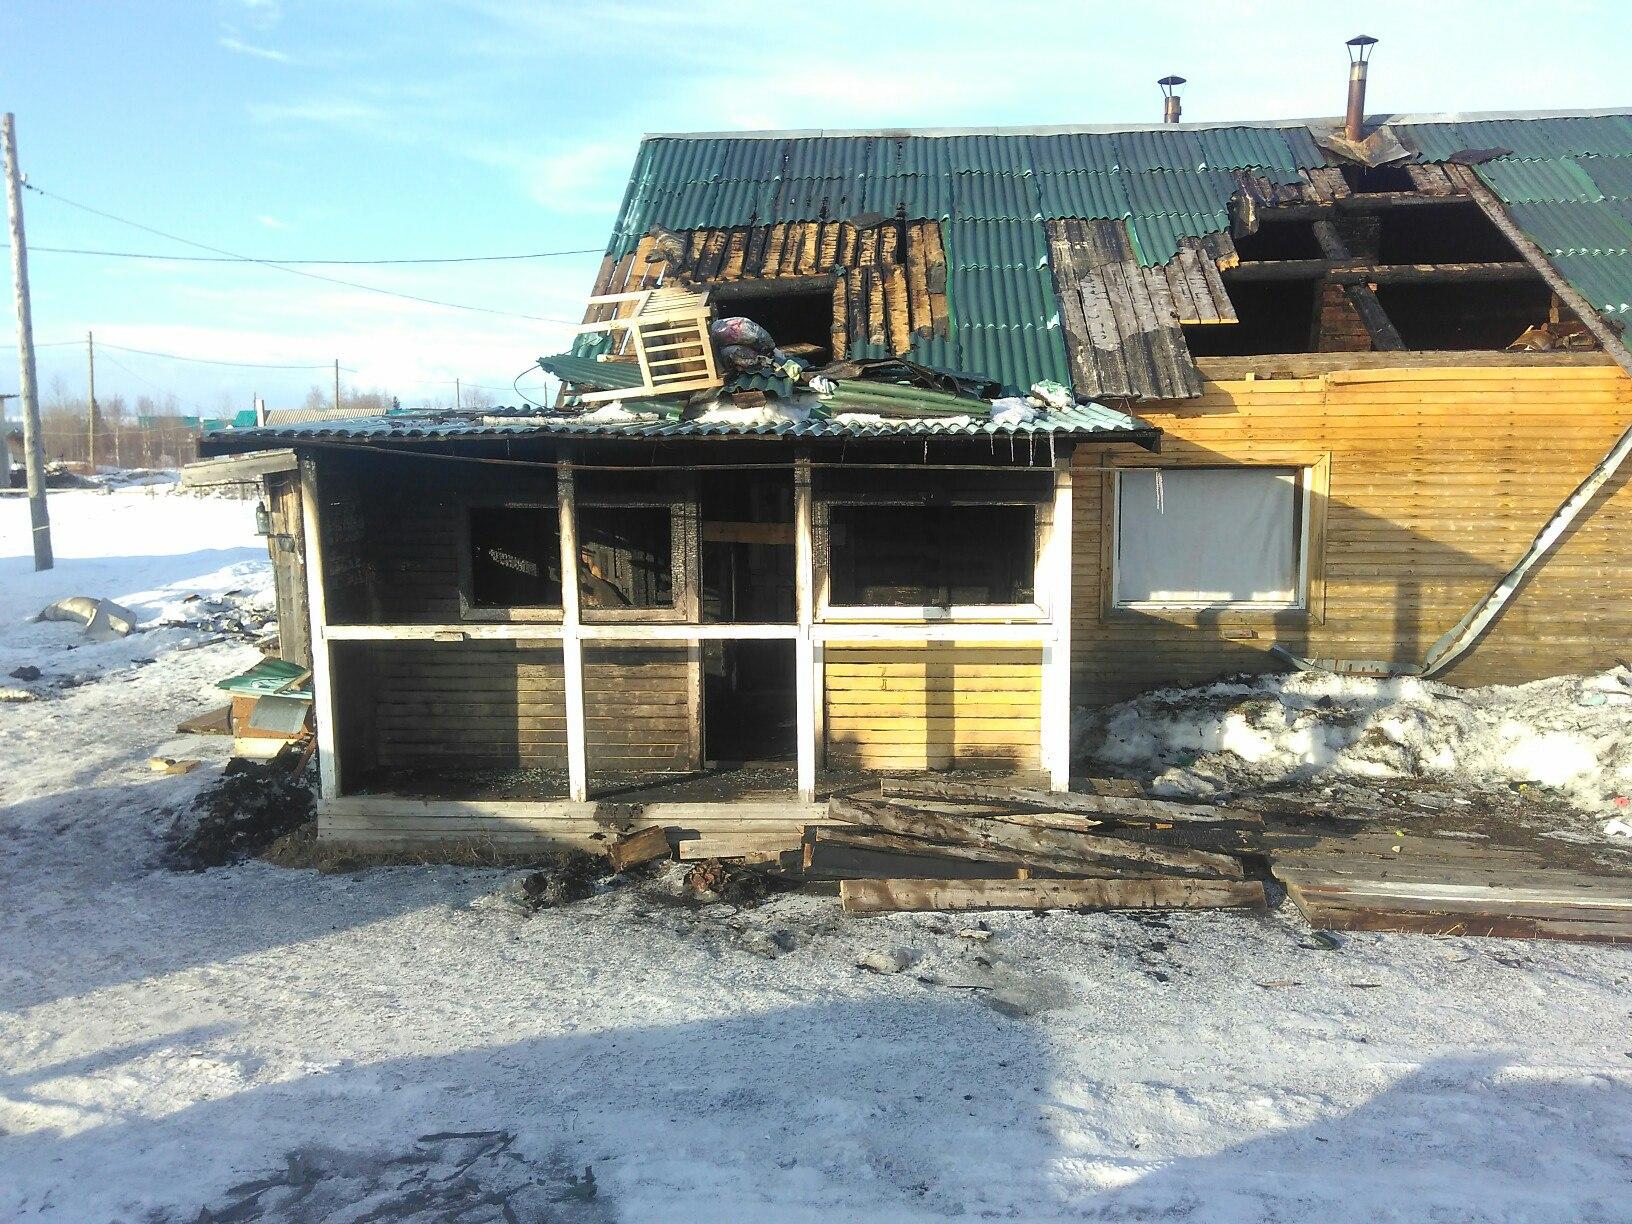 Пострадавшим на пожаре в селе Мохча нужна помощь